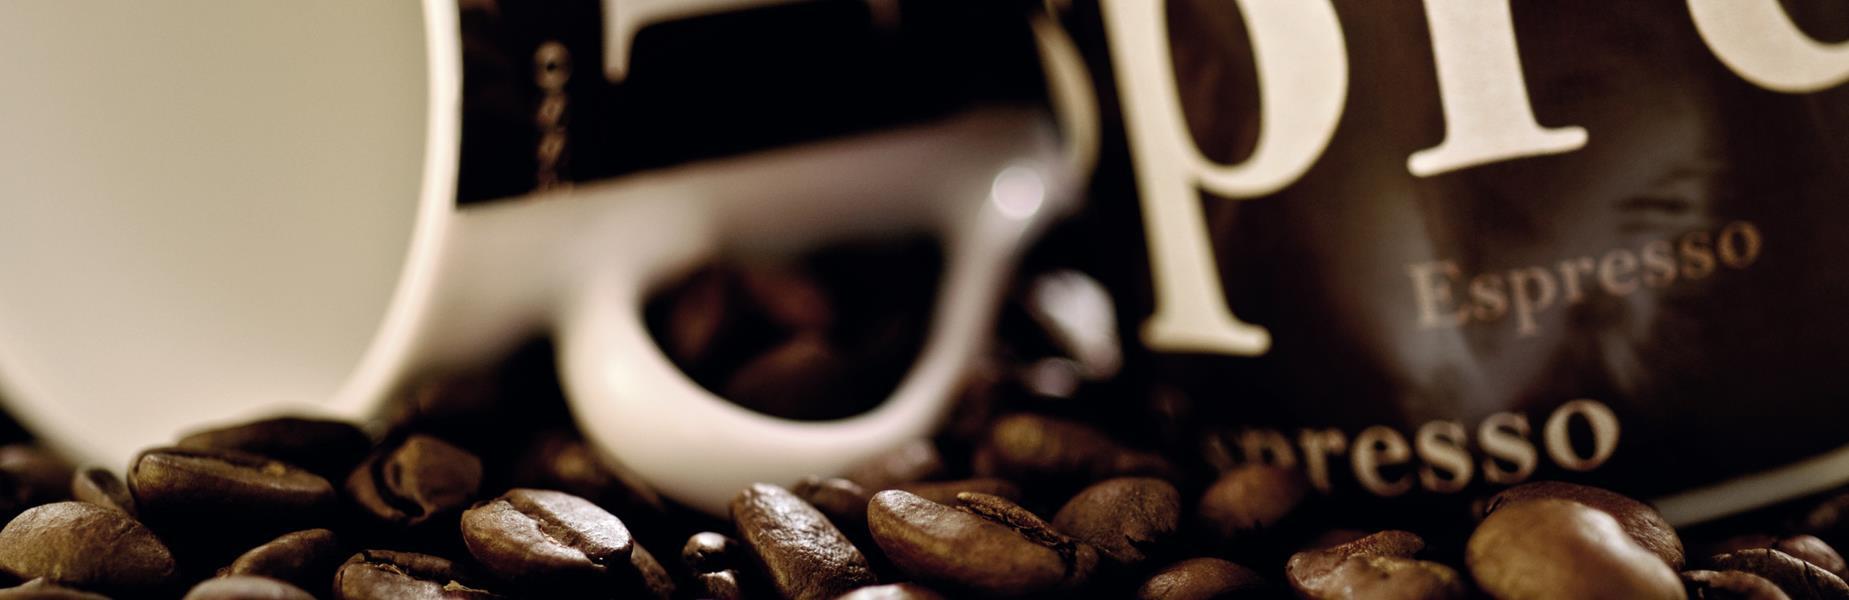 NK9083_Glasnische_ESP_Motiv__Espresso__o